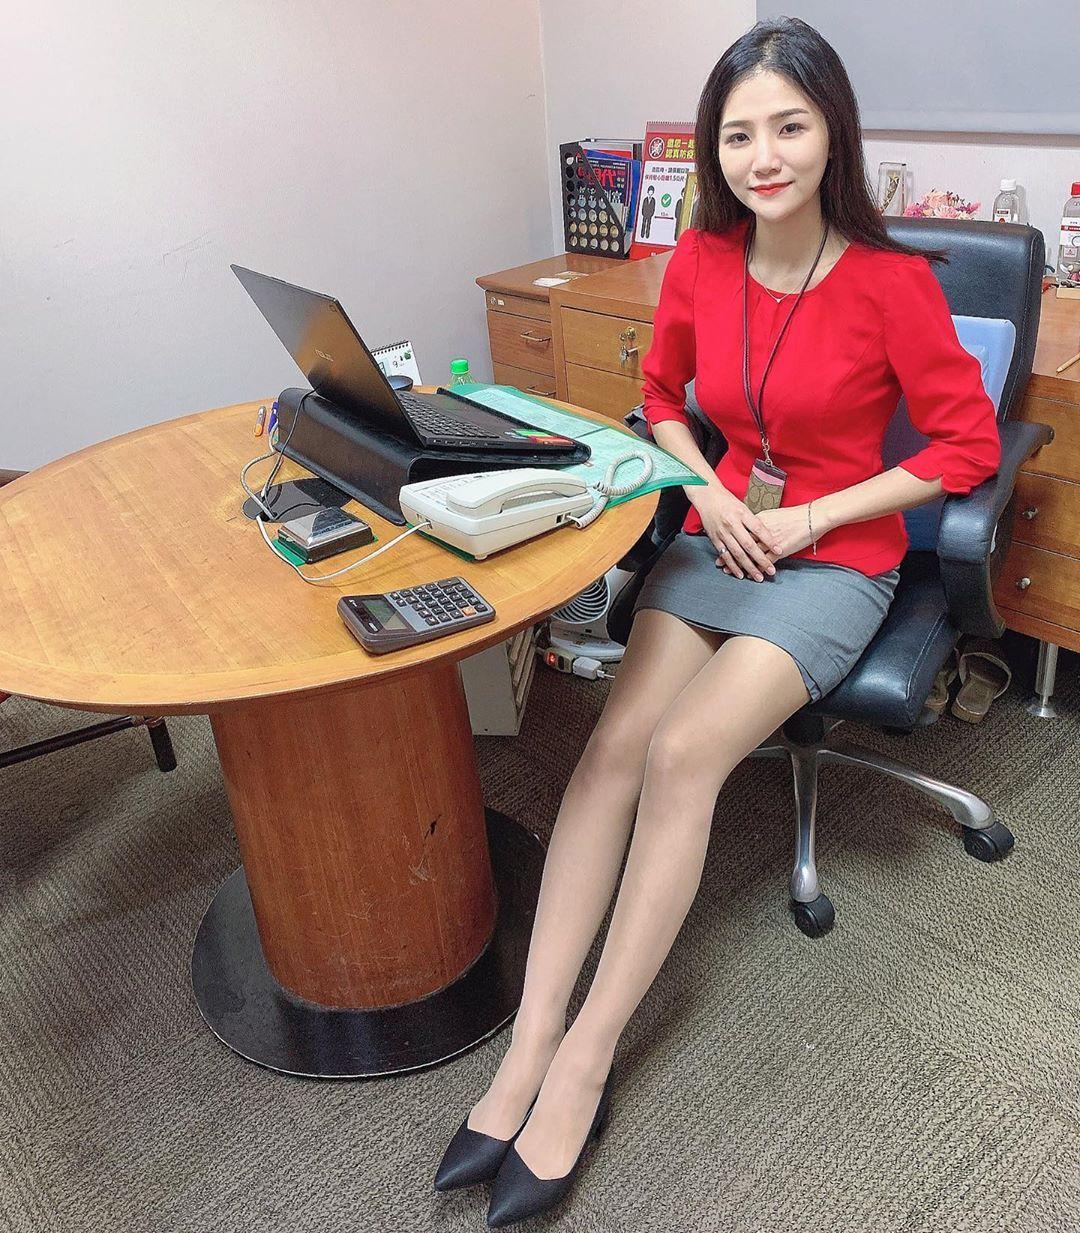 台北银行理财专员林小欣沙滩展示极品身材超凶猛 养眼图片 第4张